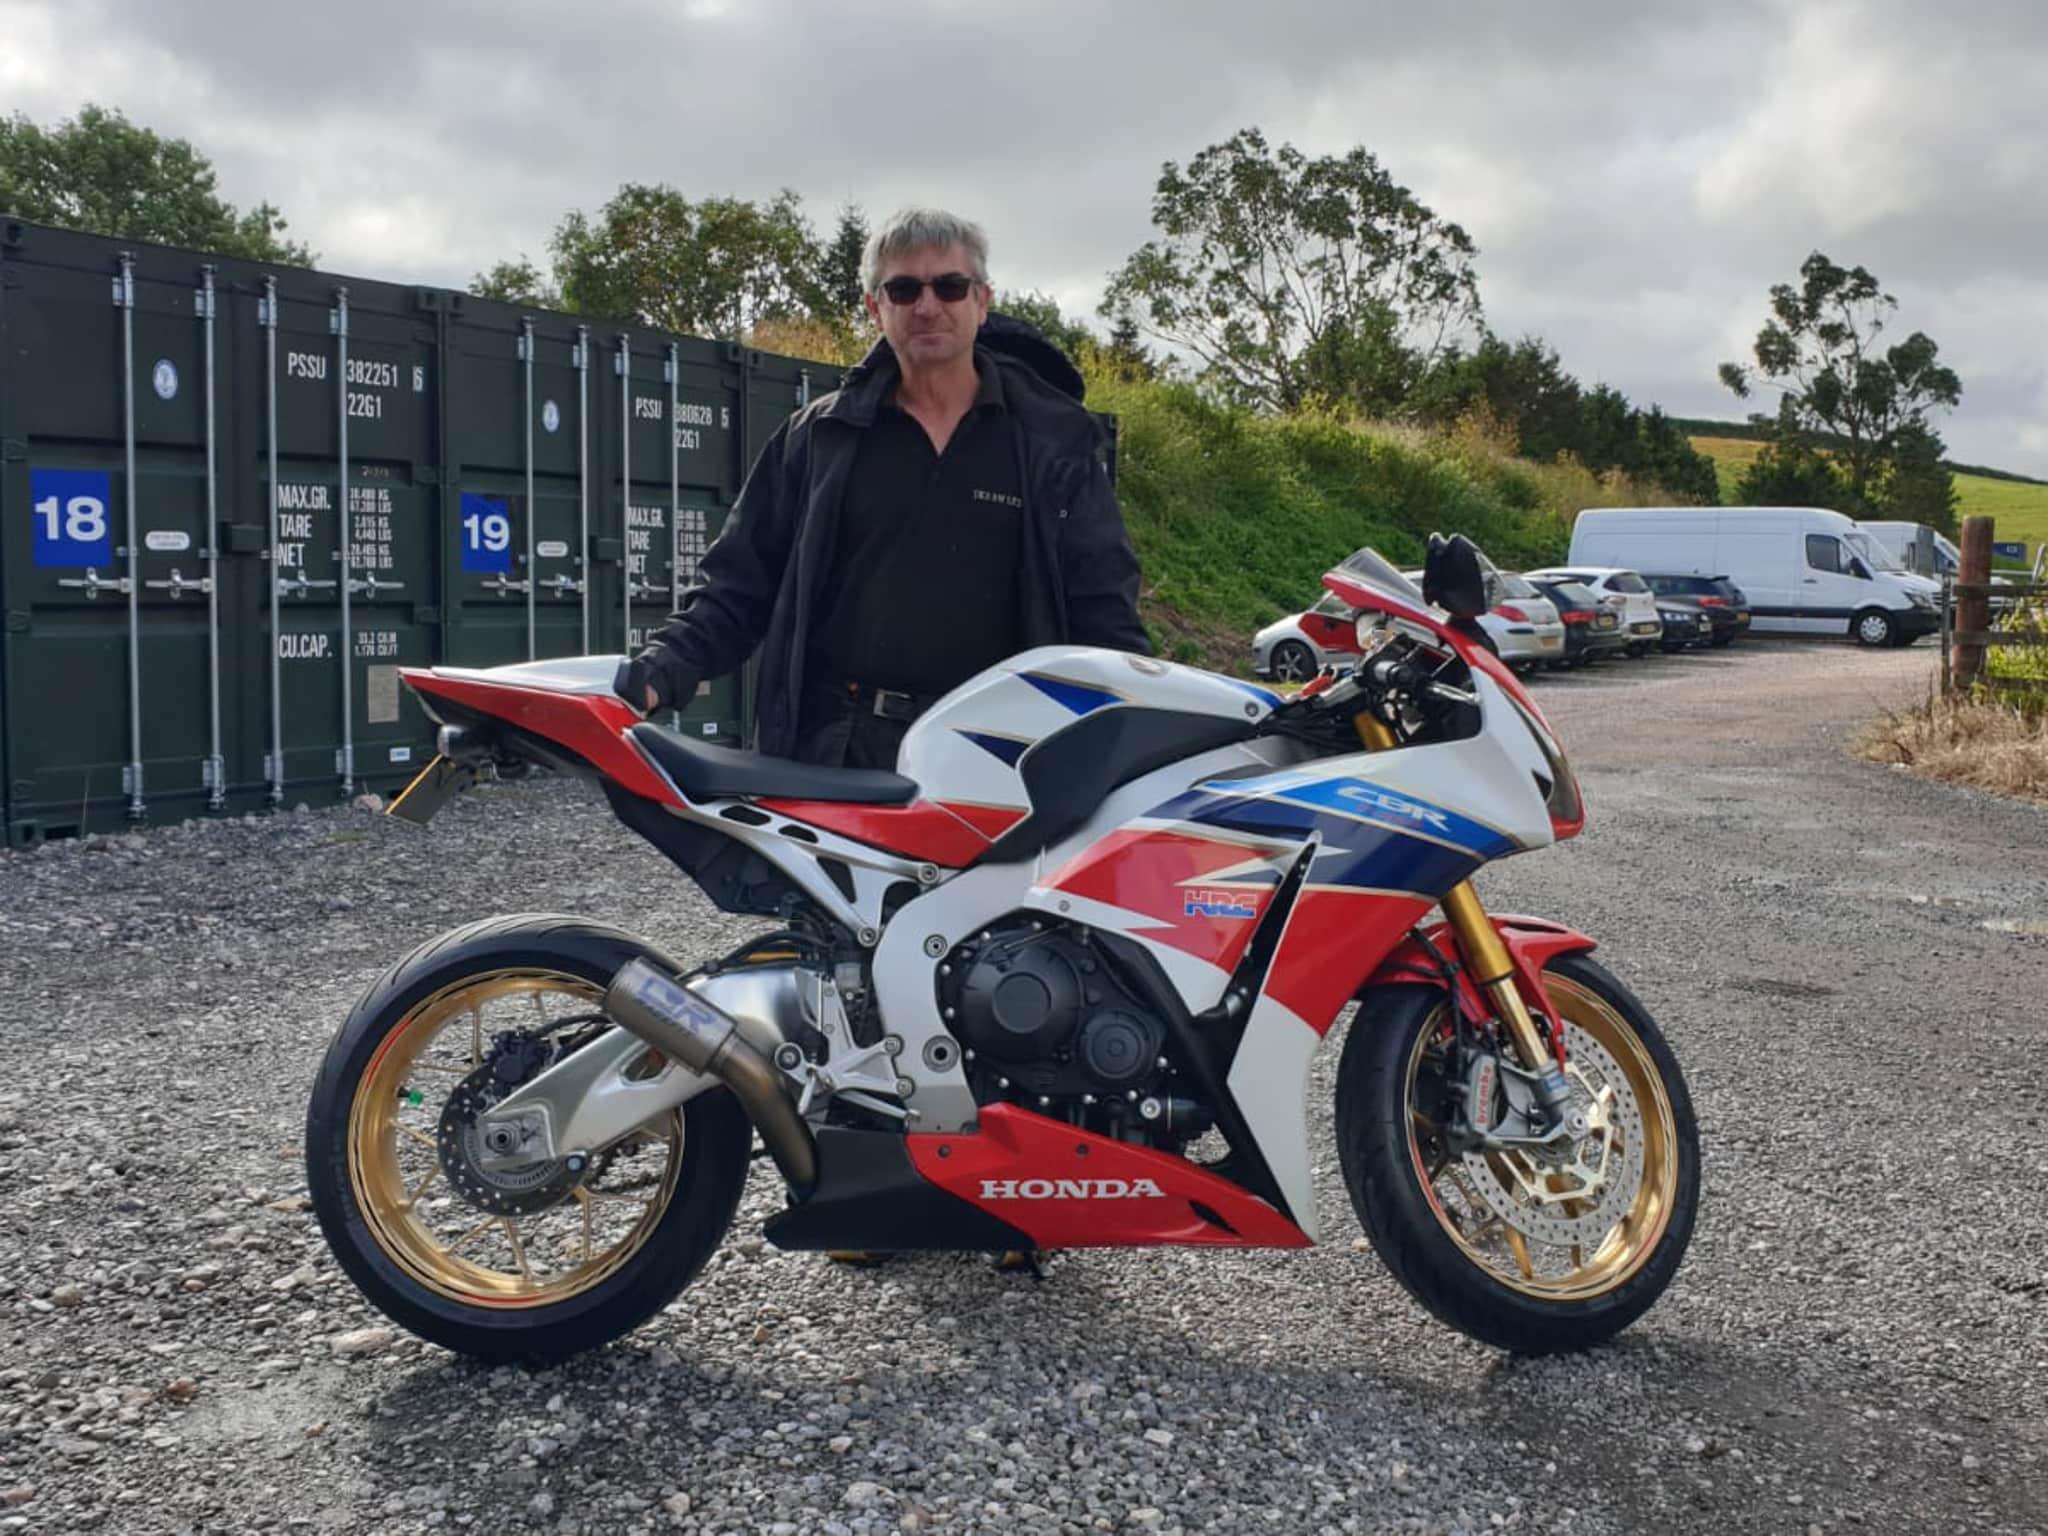 Winner Sean Kyte of a 2016 HONDA CBR1000rr SP HRC Tri Colour - 26th July